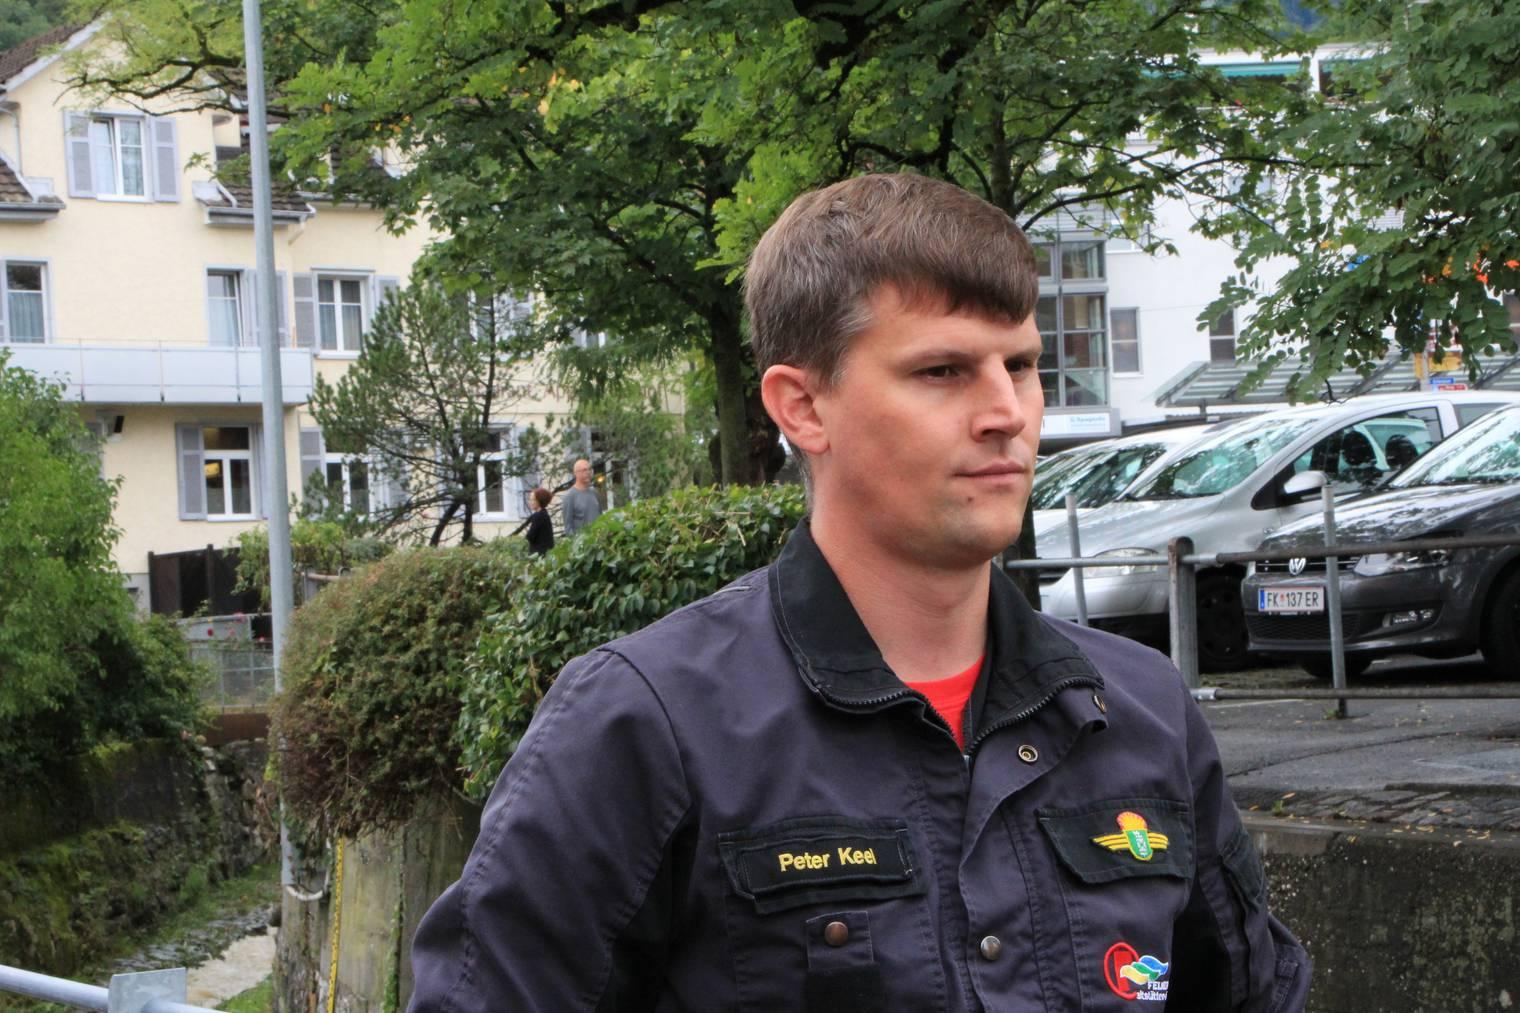 Peter Keel und seine Feuerwehrleute sind bereit für den Einsatz. (Bild: FM1Today/Fabienne Engbers)